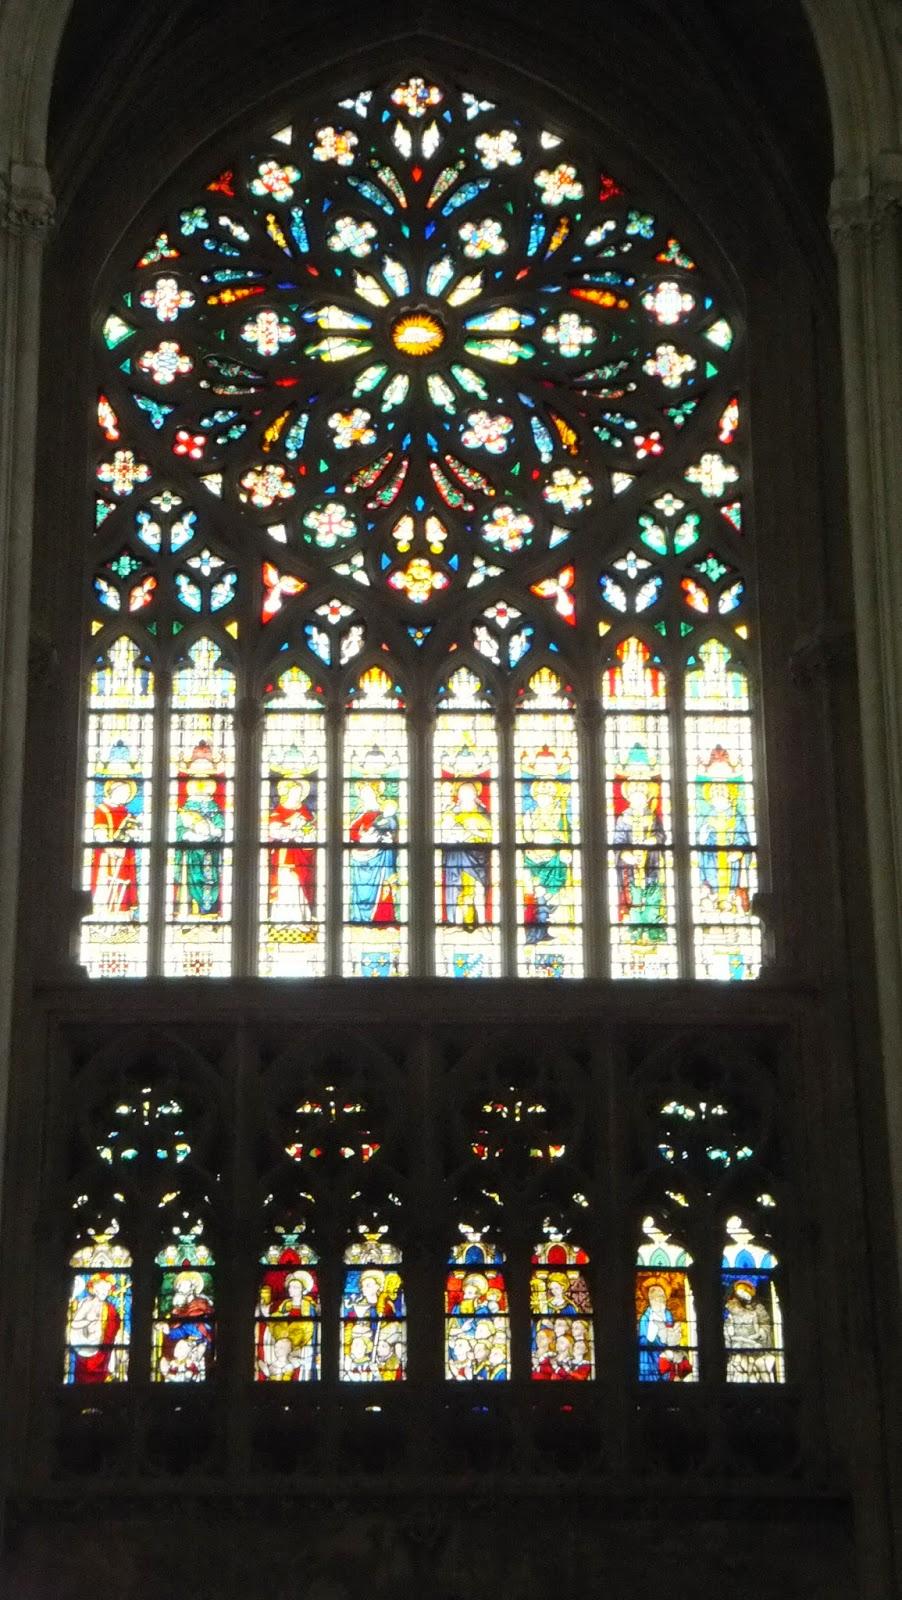 Vitrales, Vitraux, Saint Gatien de Tours, Tours, Francia, Elisa N, Blog de Viajes, Lifestyle, Travel